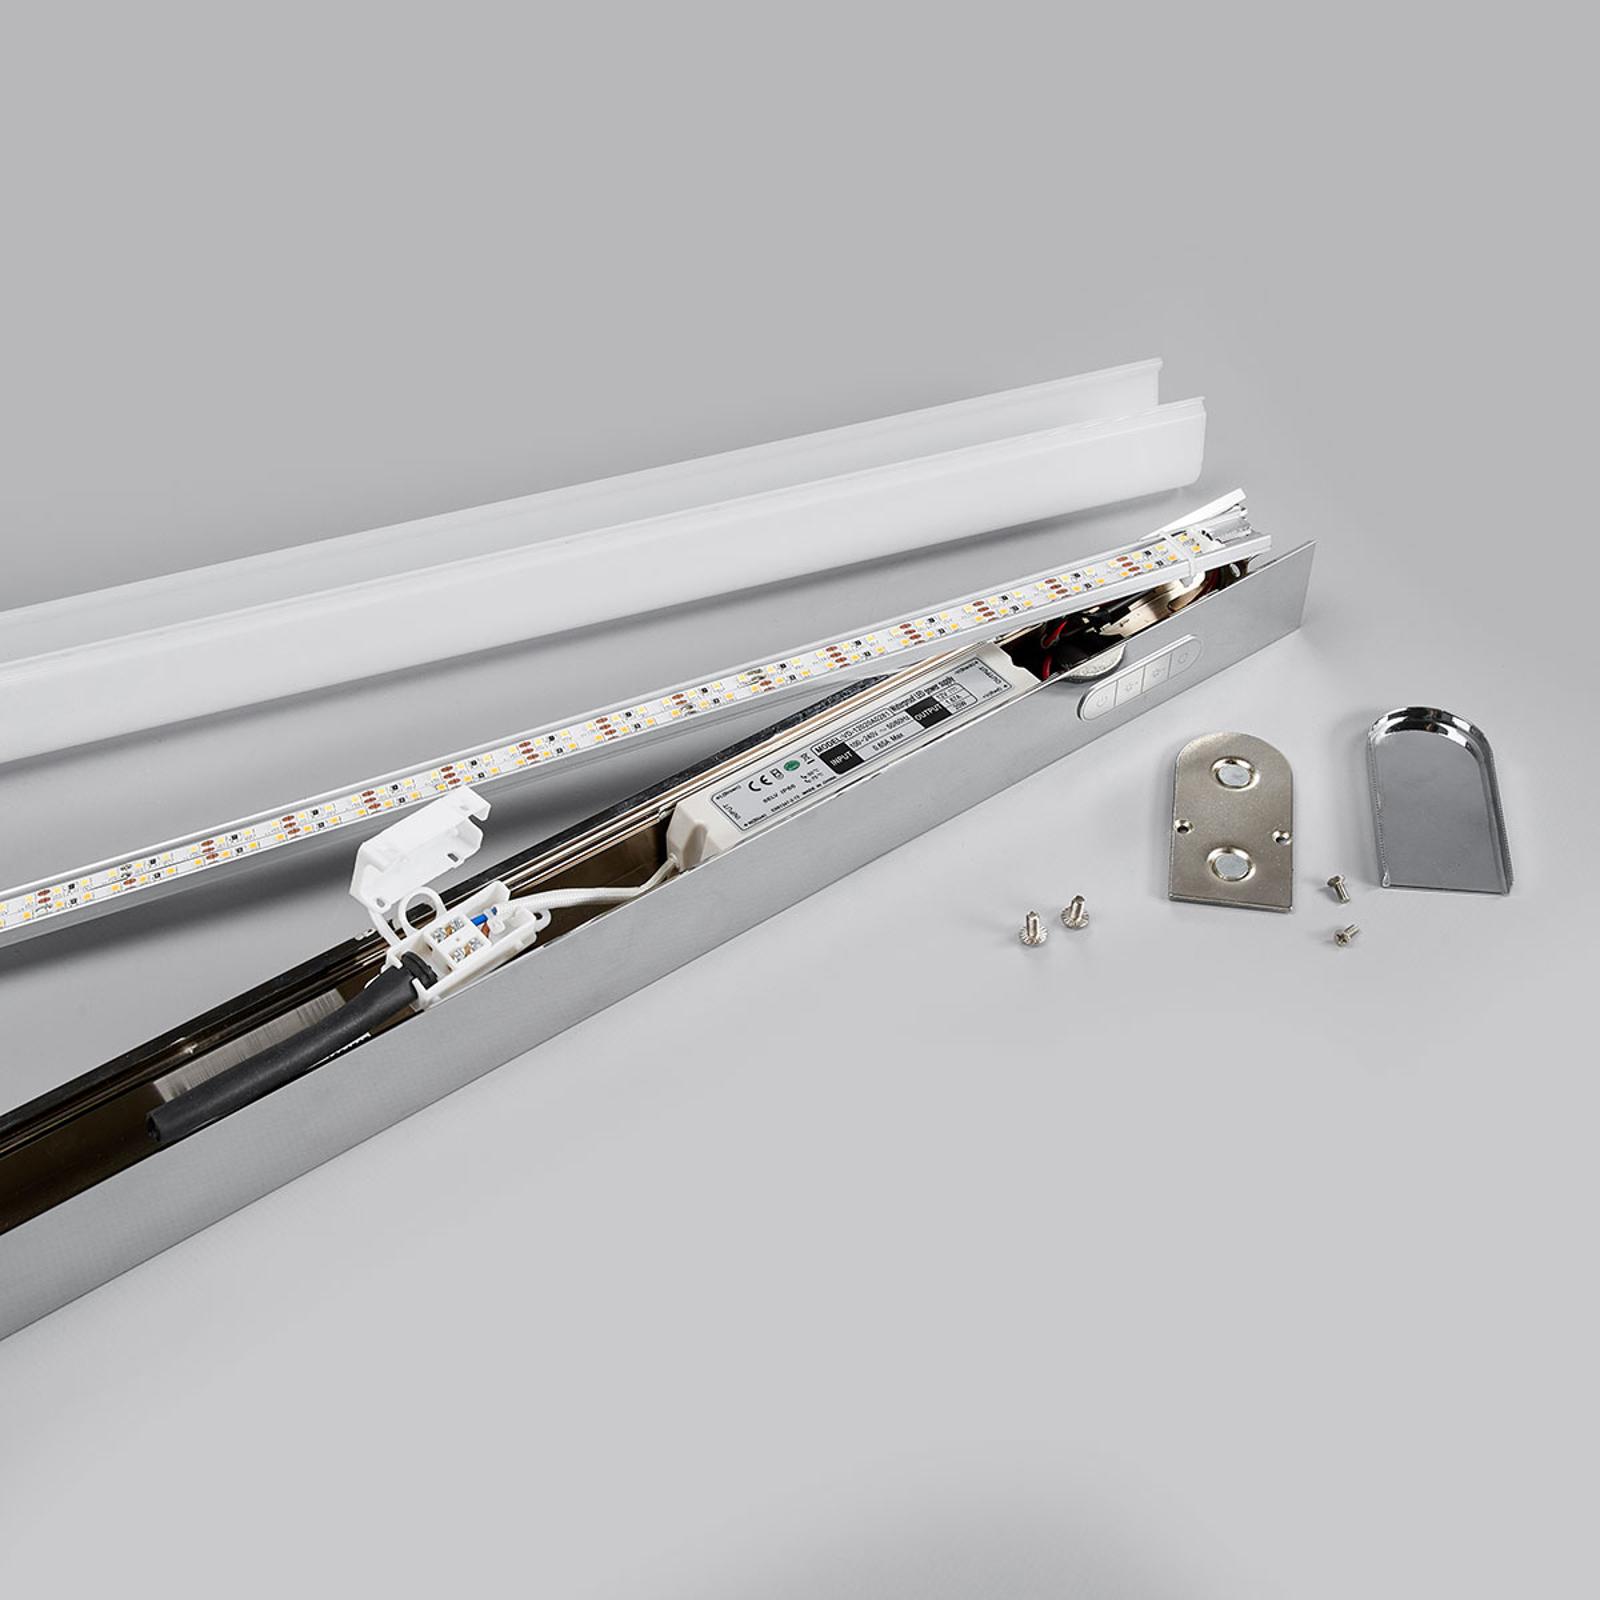 LED vägglampa Jesko bad 3000 6500K, 33 cm   Lamp24.se